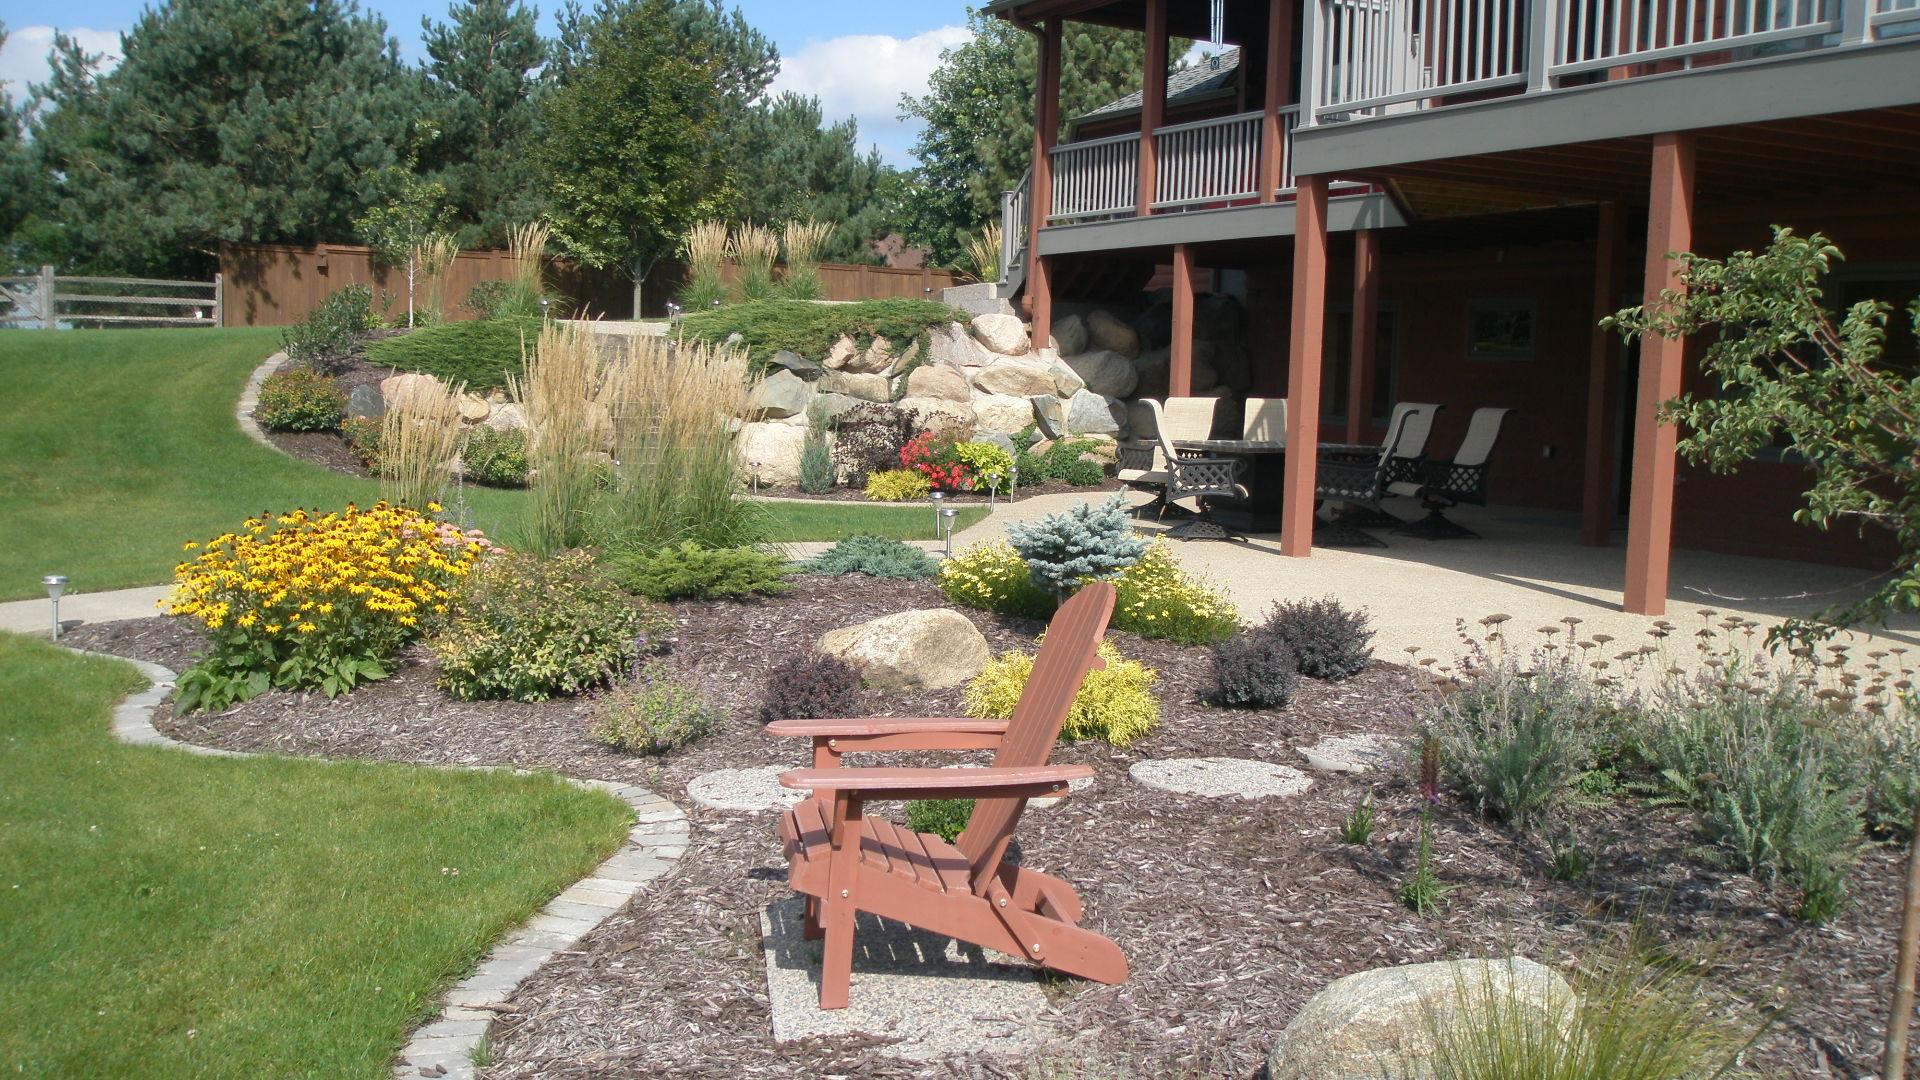 Lakeside patioscape